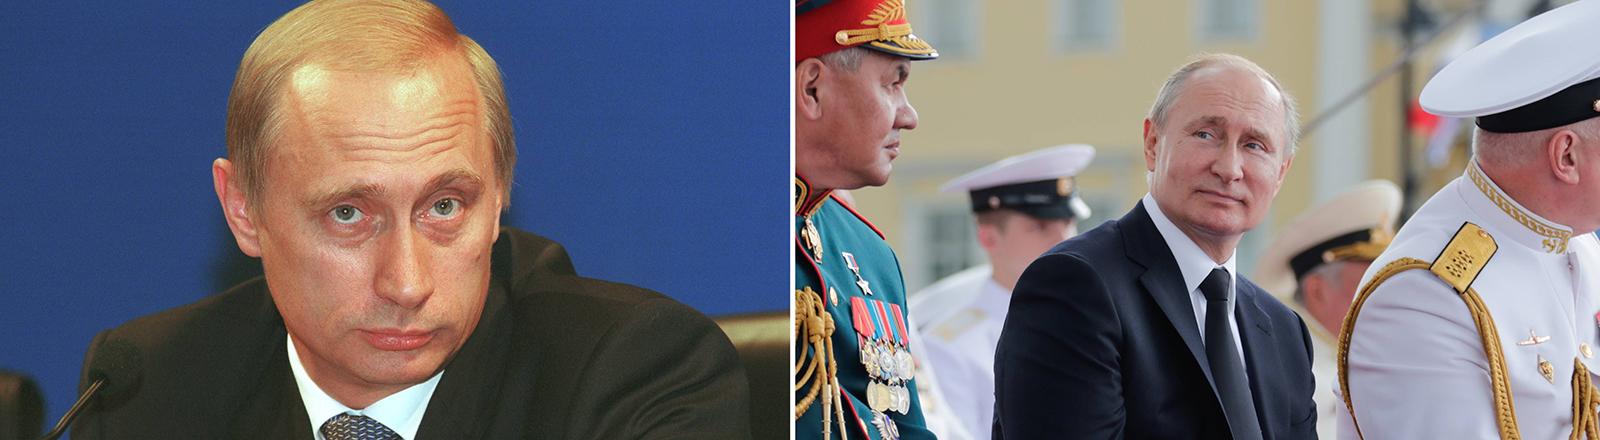 Wladimir Putin im Jahr 2000 und in 2019